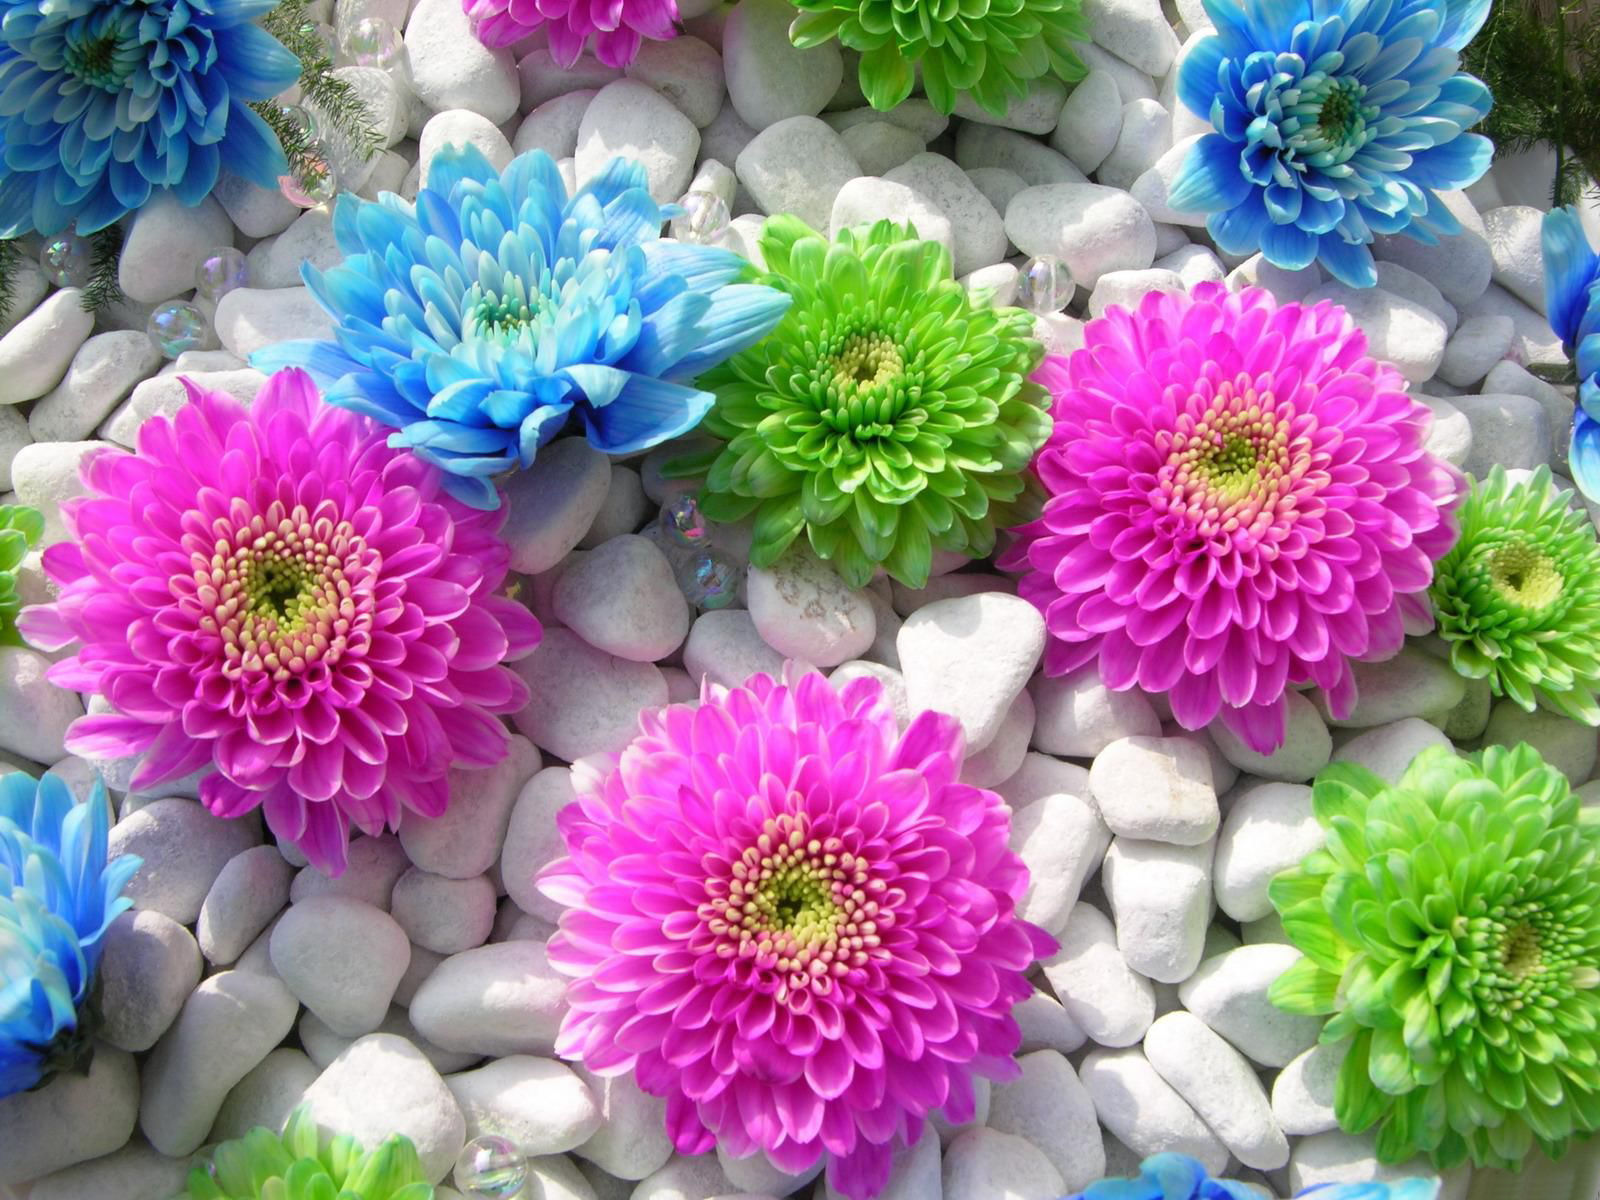 بالصور صور ورود جميلة , اجمل مناظر الورود 66 5